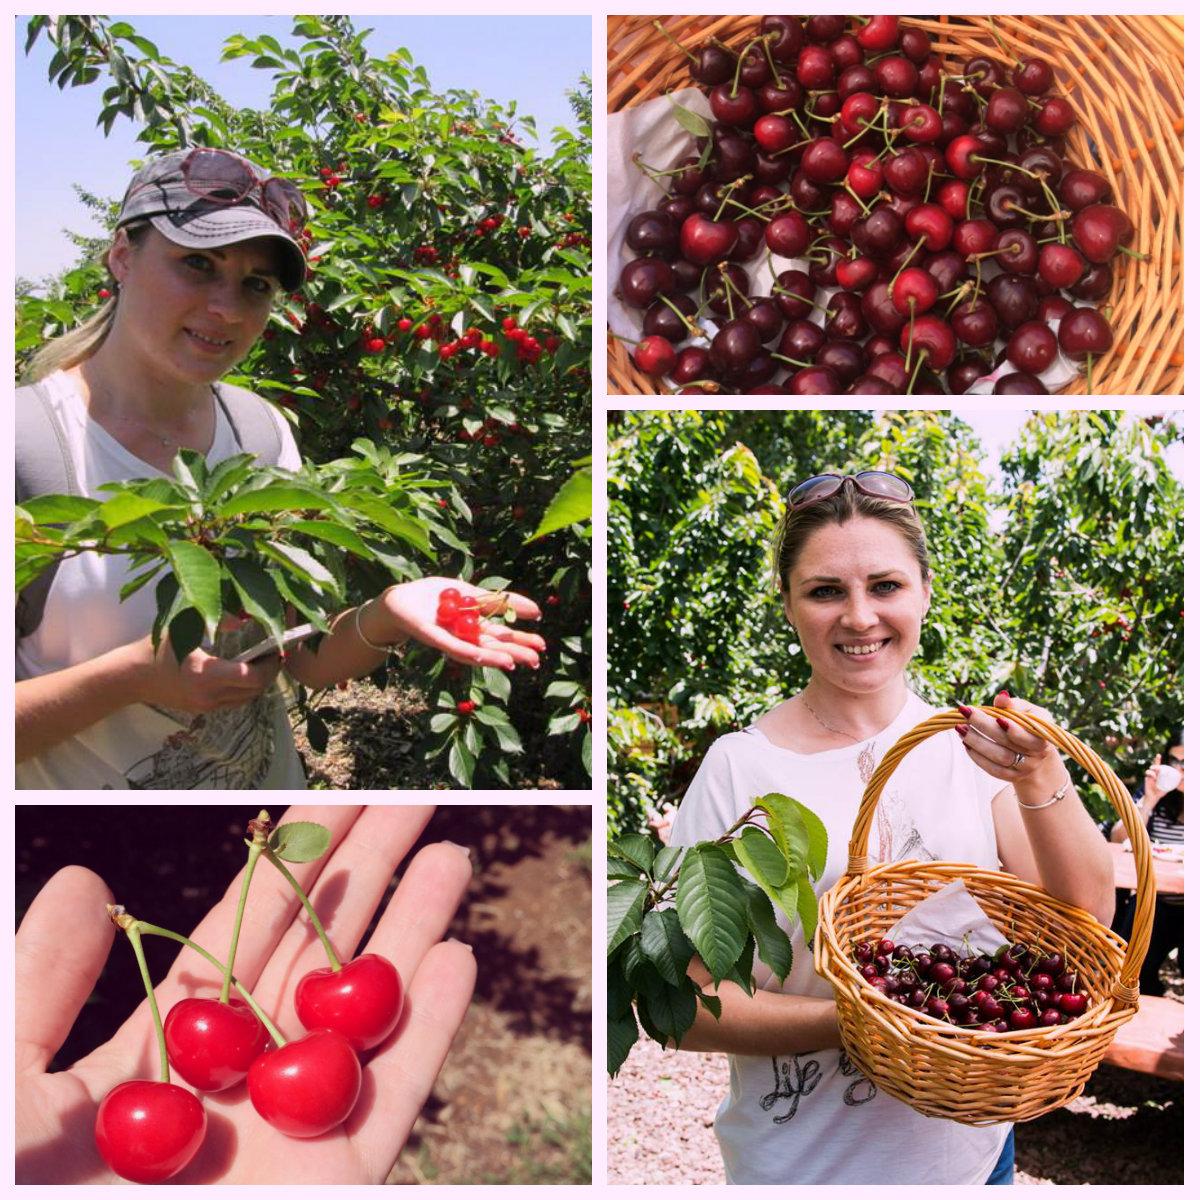 С лукошком за ягодами на Голаны